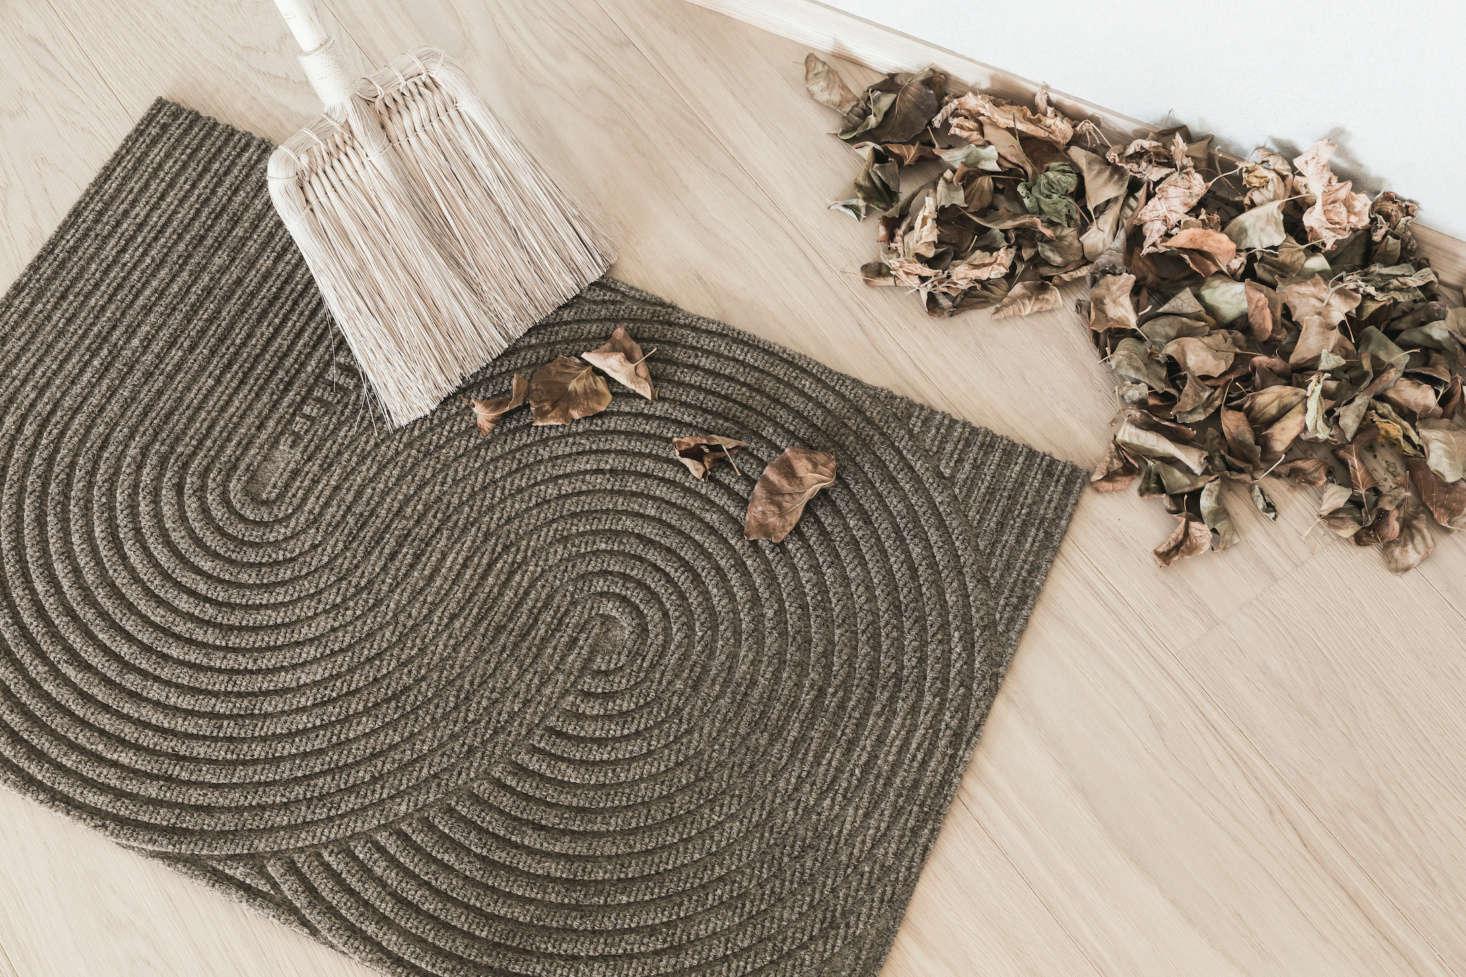 The Sand Outdoor Entry Doormat—the Zen design we admired in the shepherd&#8